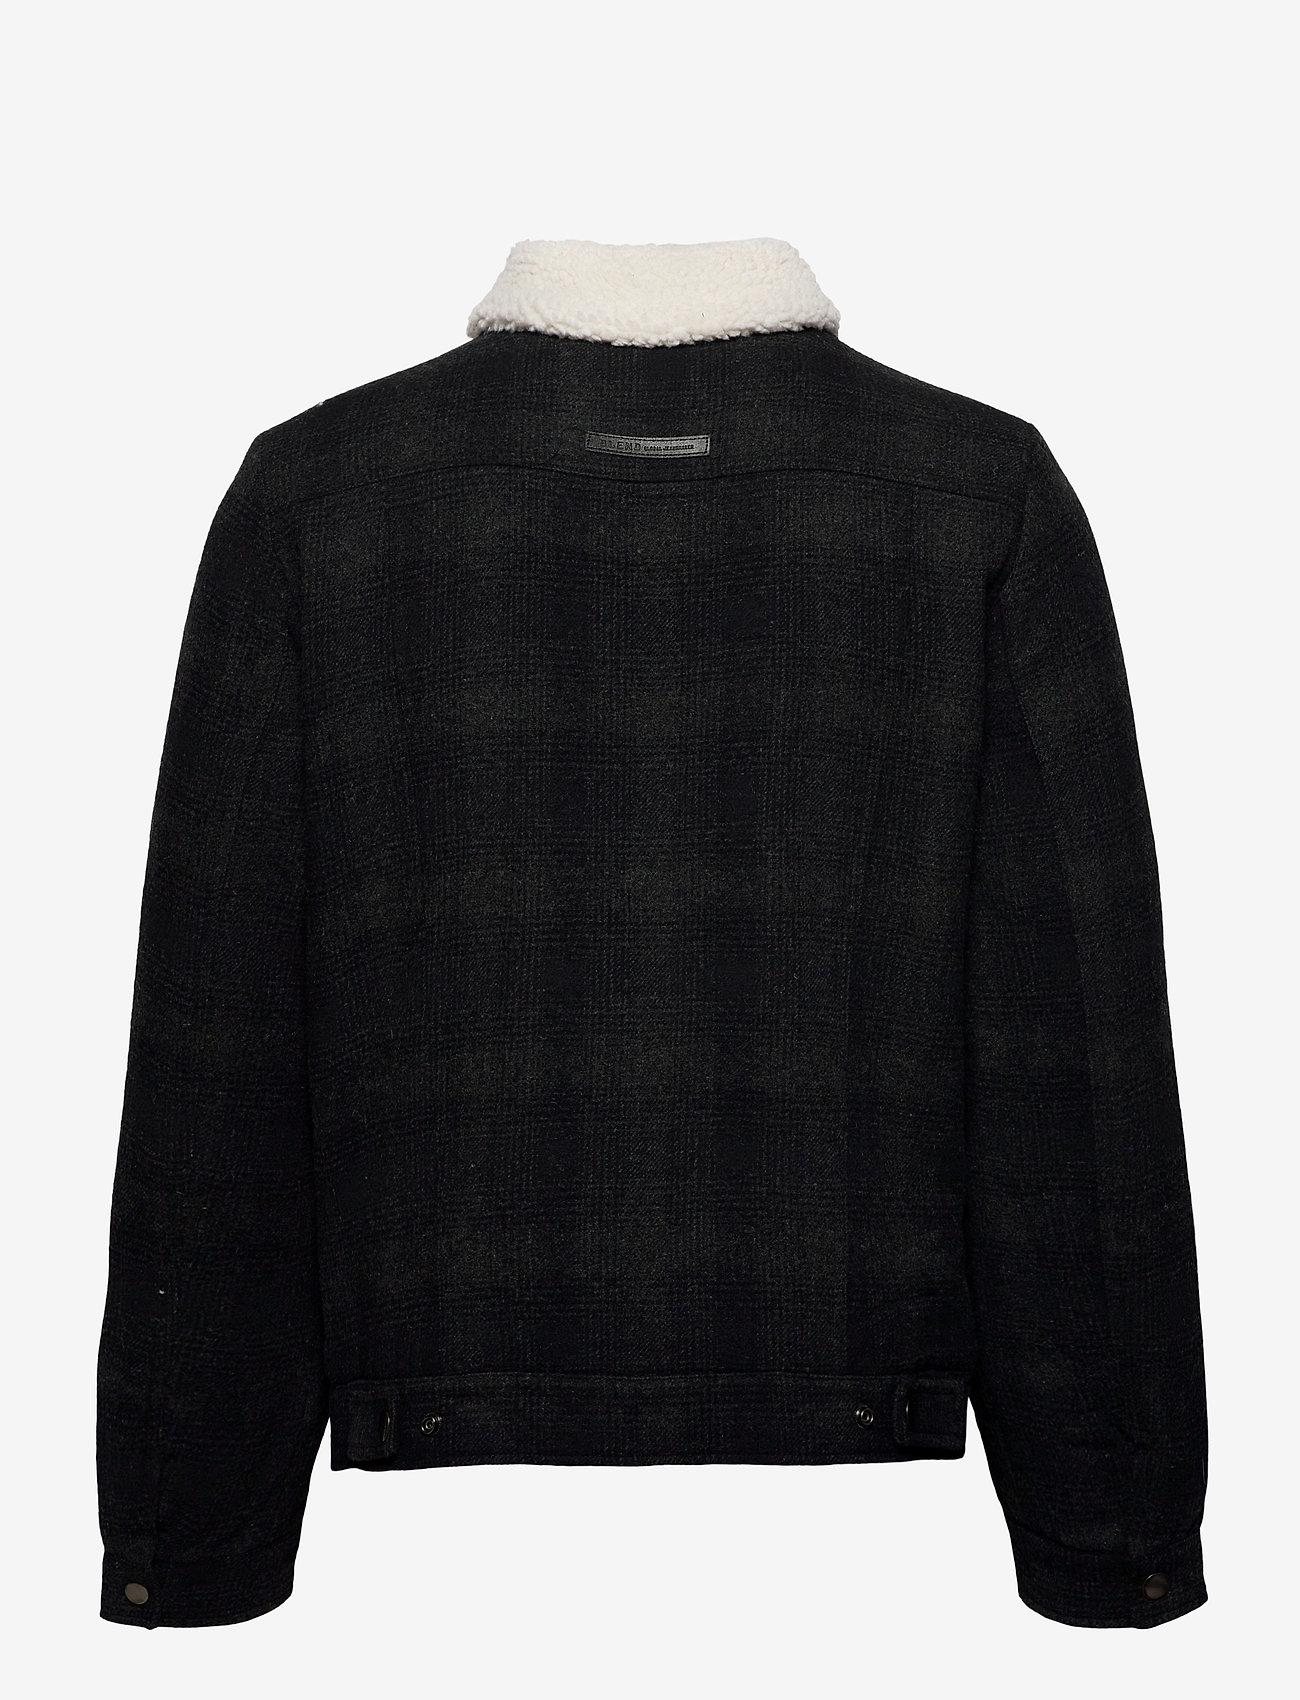 Blend - Outerwear - wool jackets - dark navy - 1